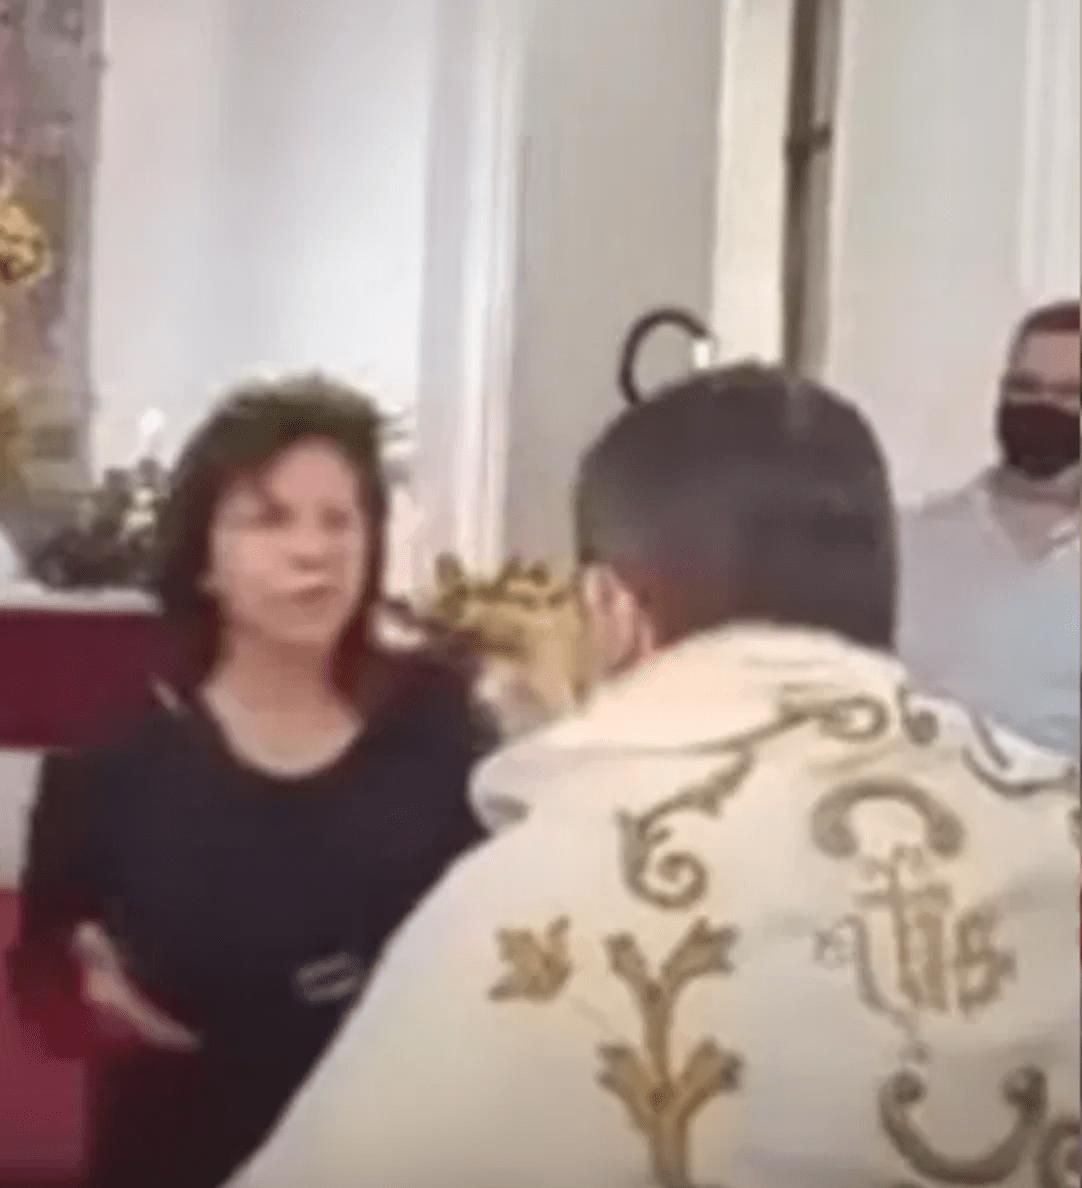 Tómala: Mujer cachetea a sacerdote durante misa de jueves santo